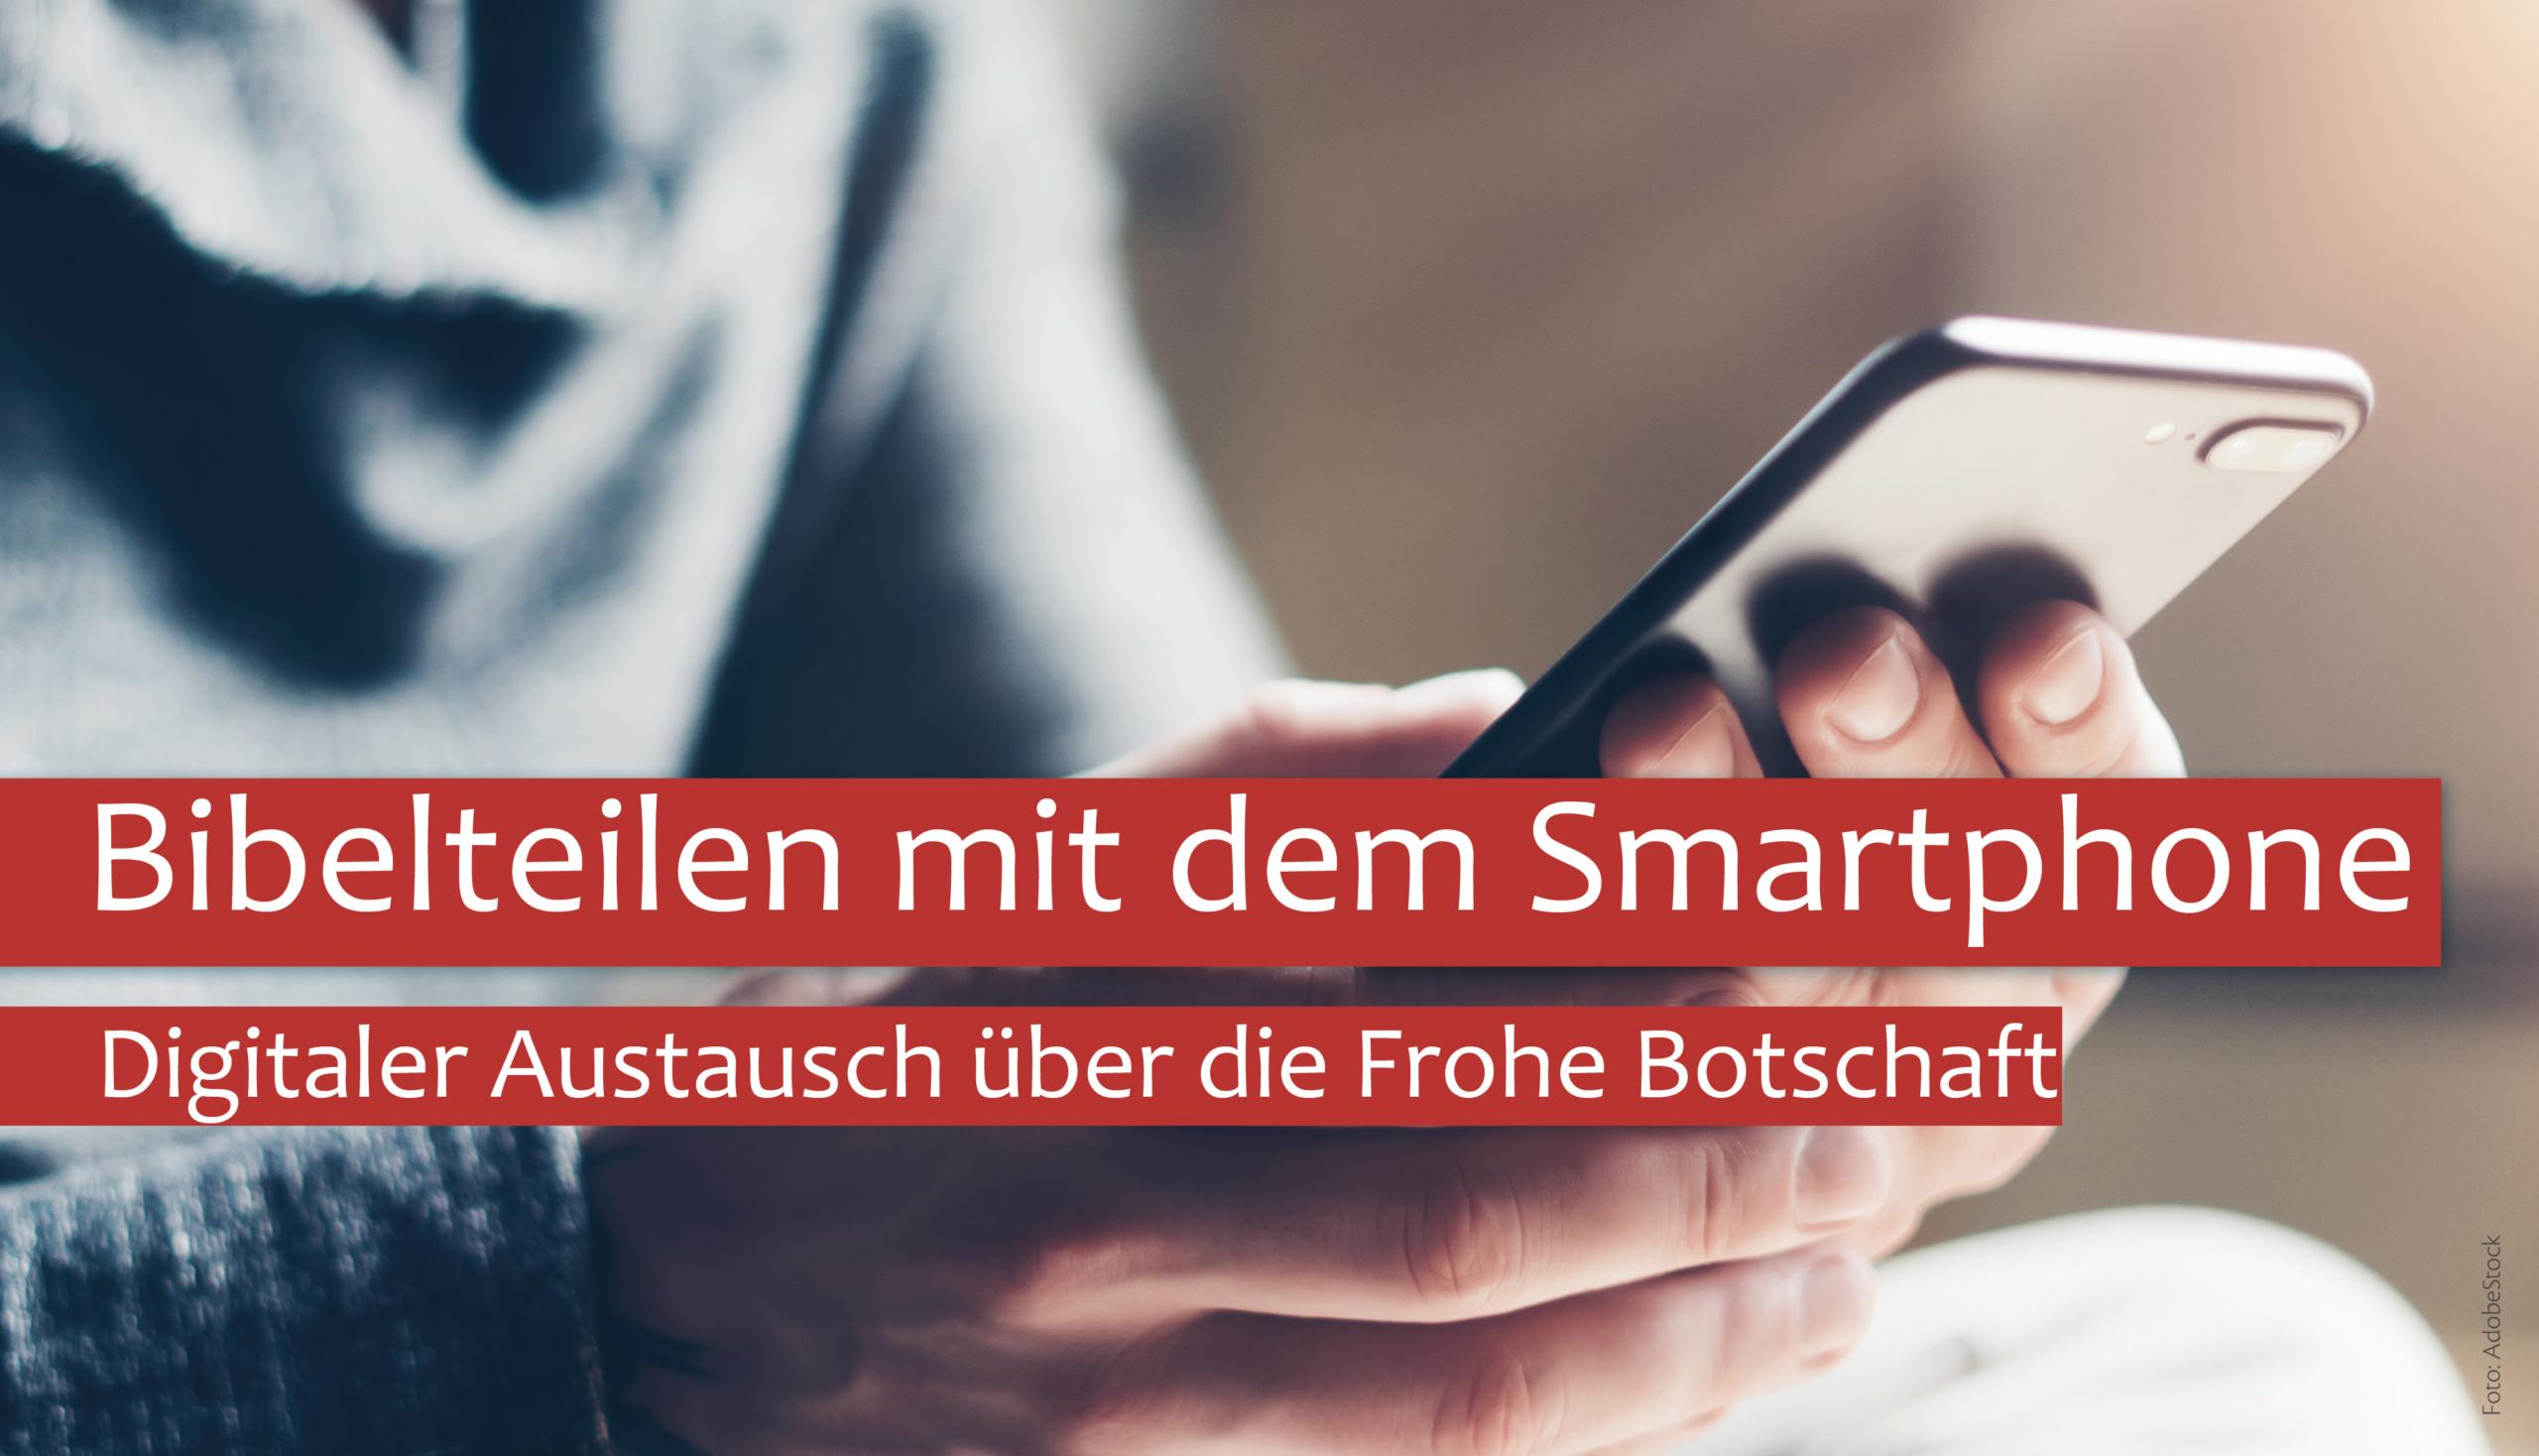 Bibelteilen mit dem Smartphone